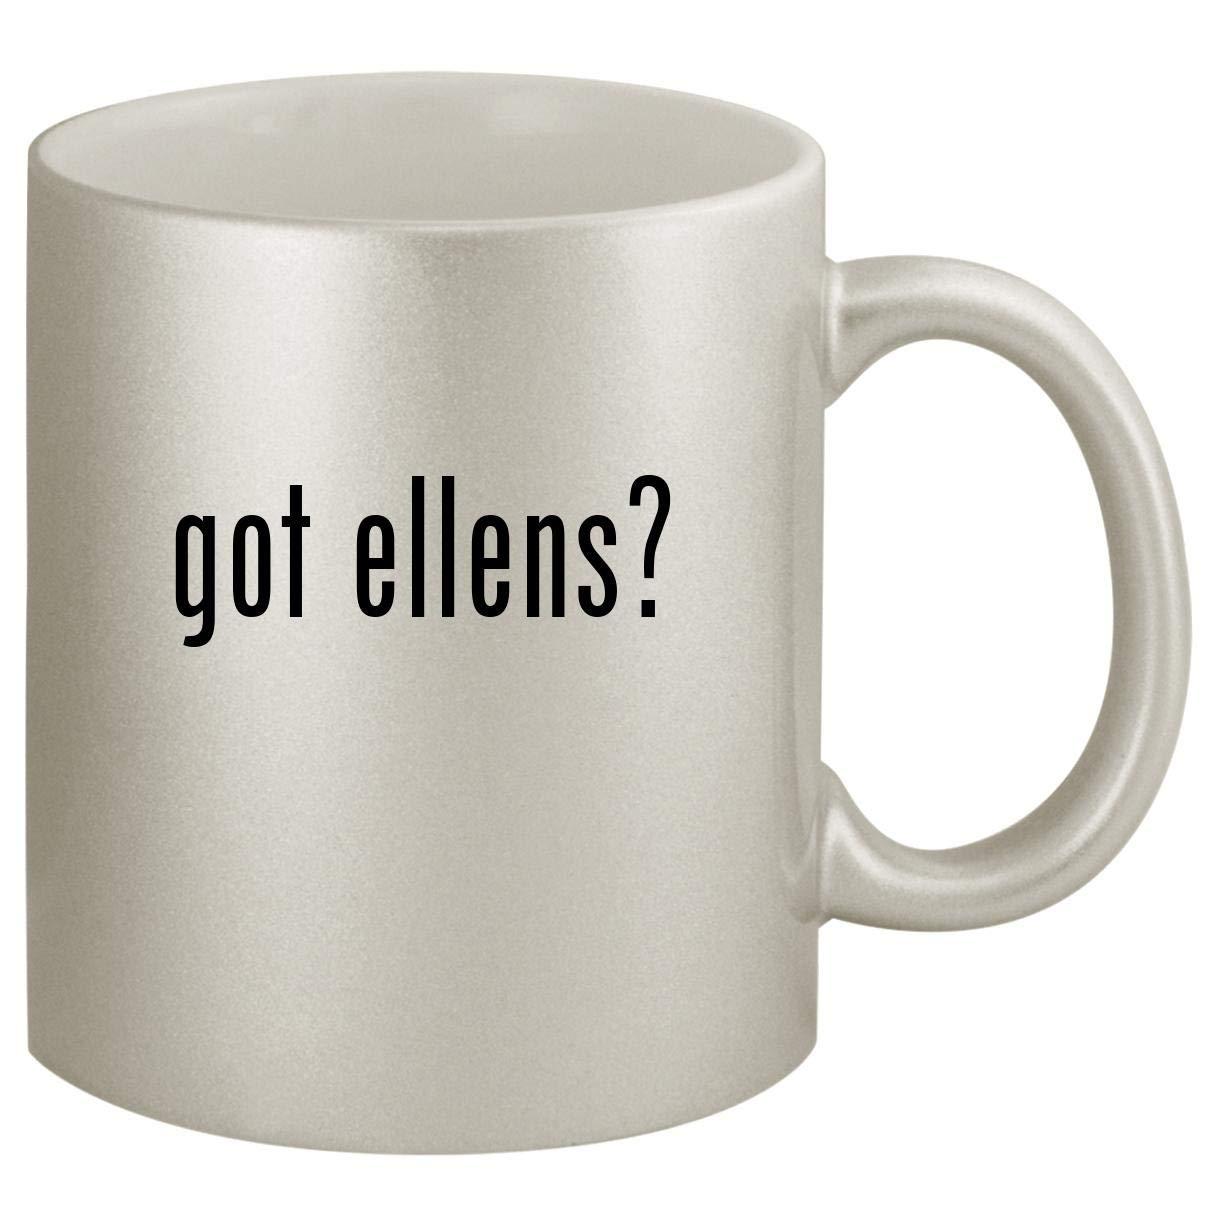 got ellens? - Ceramic 11oz Silver Coffee Mug, Silver